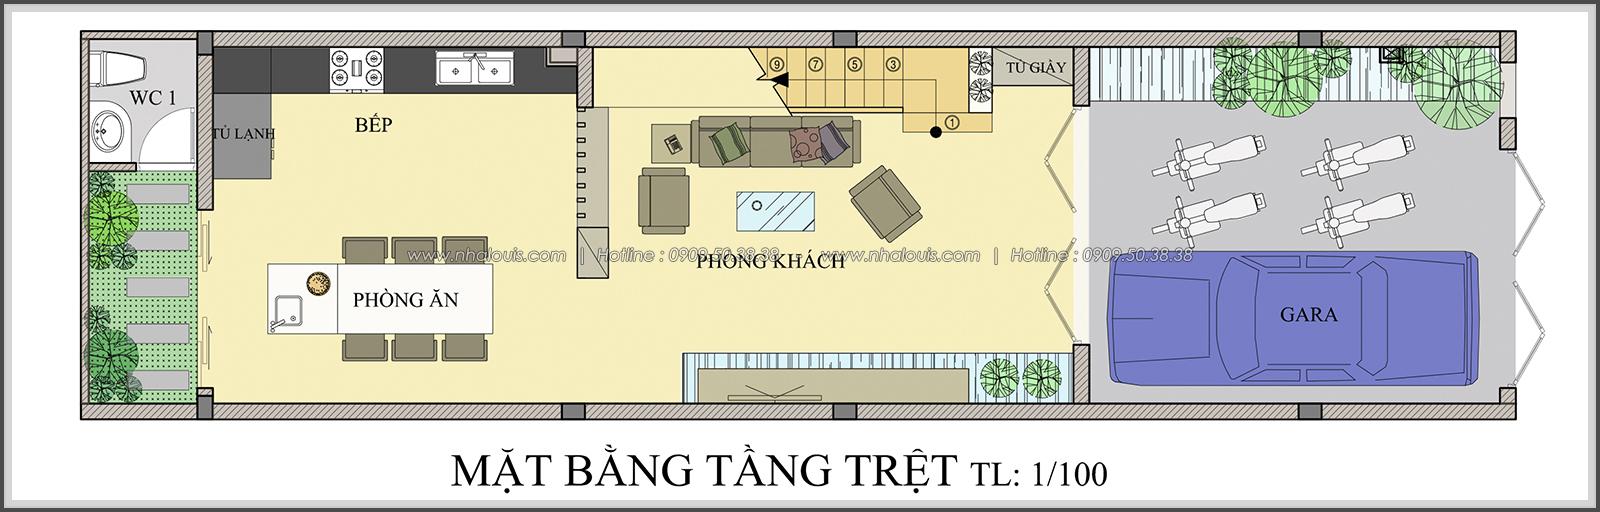 Mặt bằng tầng trệt thiết kế nhà ống mặt tiền 5m của chị Linh quận 6 - 3